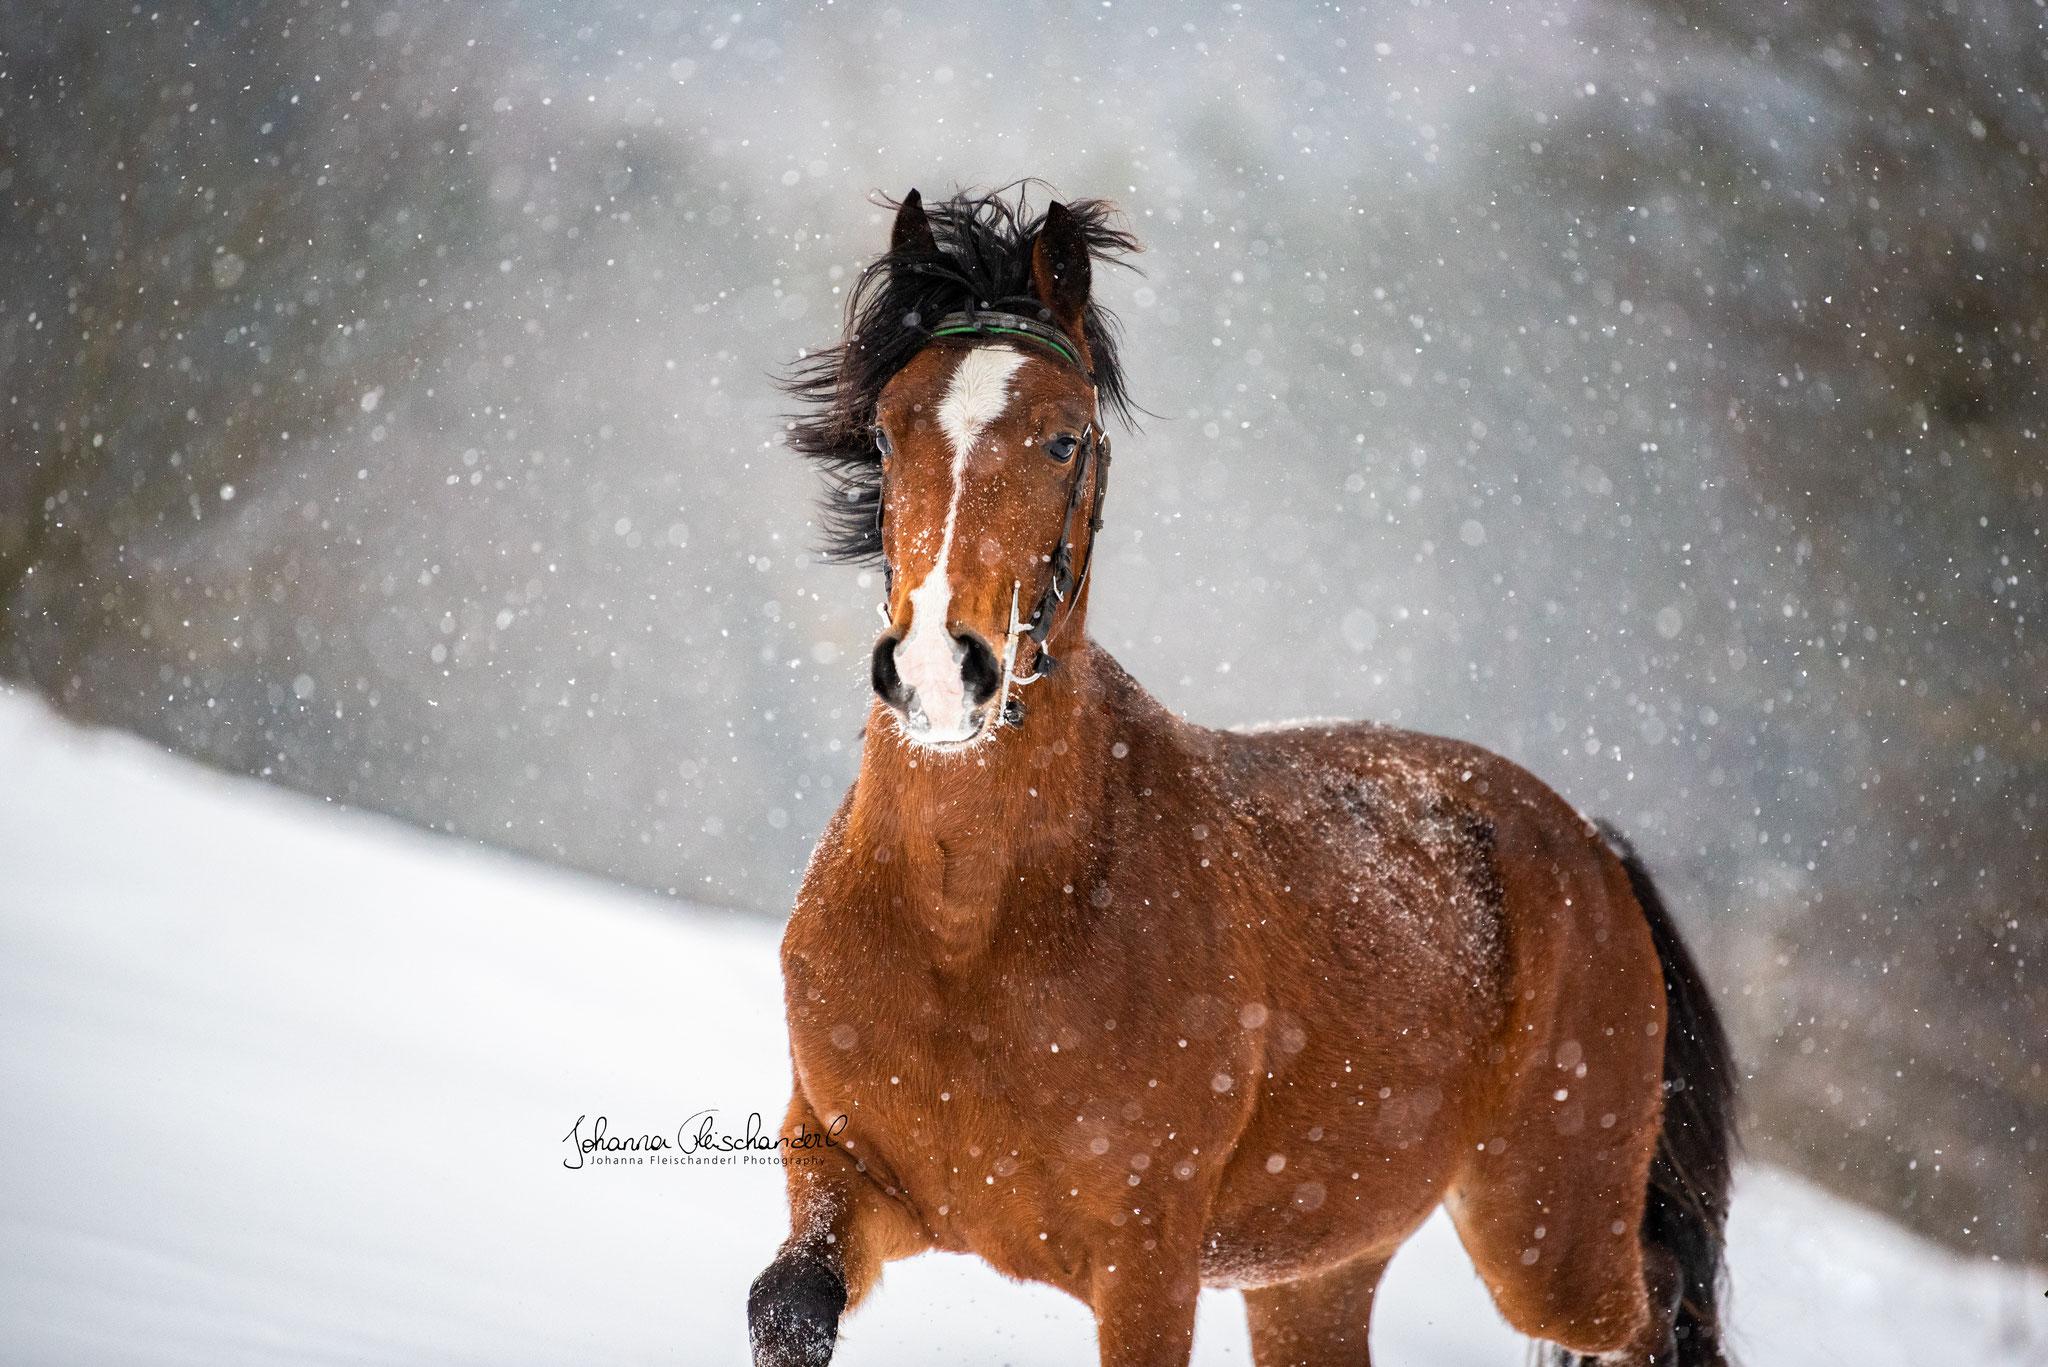 Pieter im Schnee von Johanna Fleischanderl